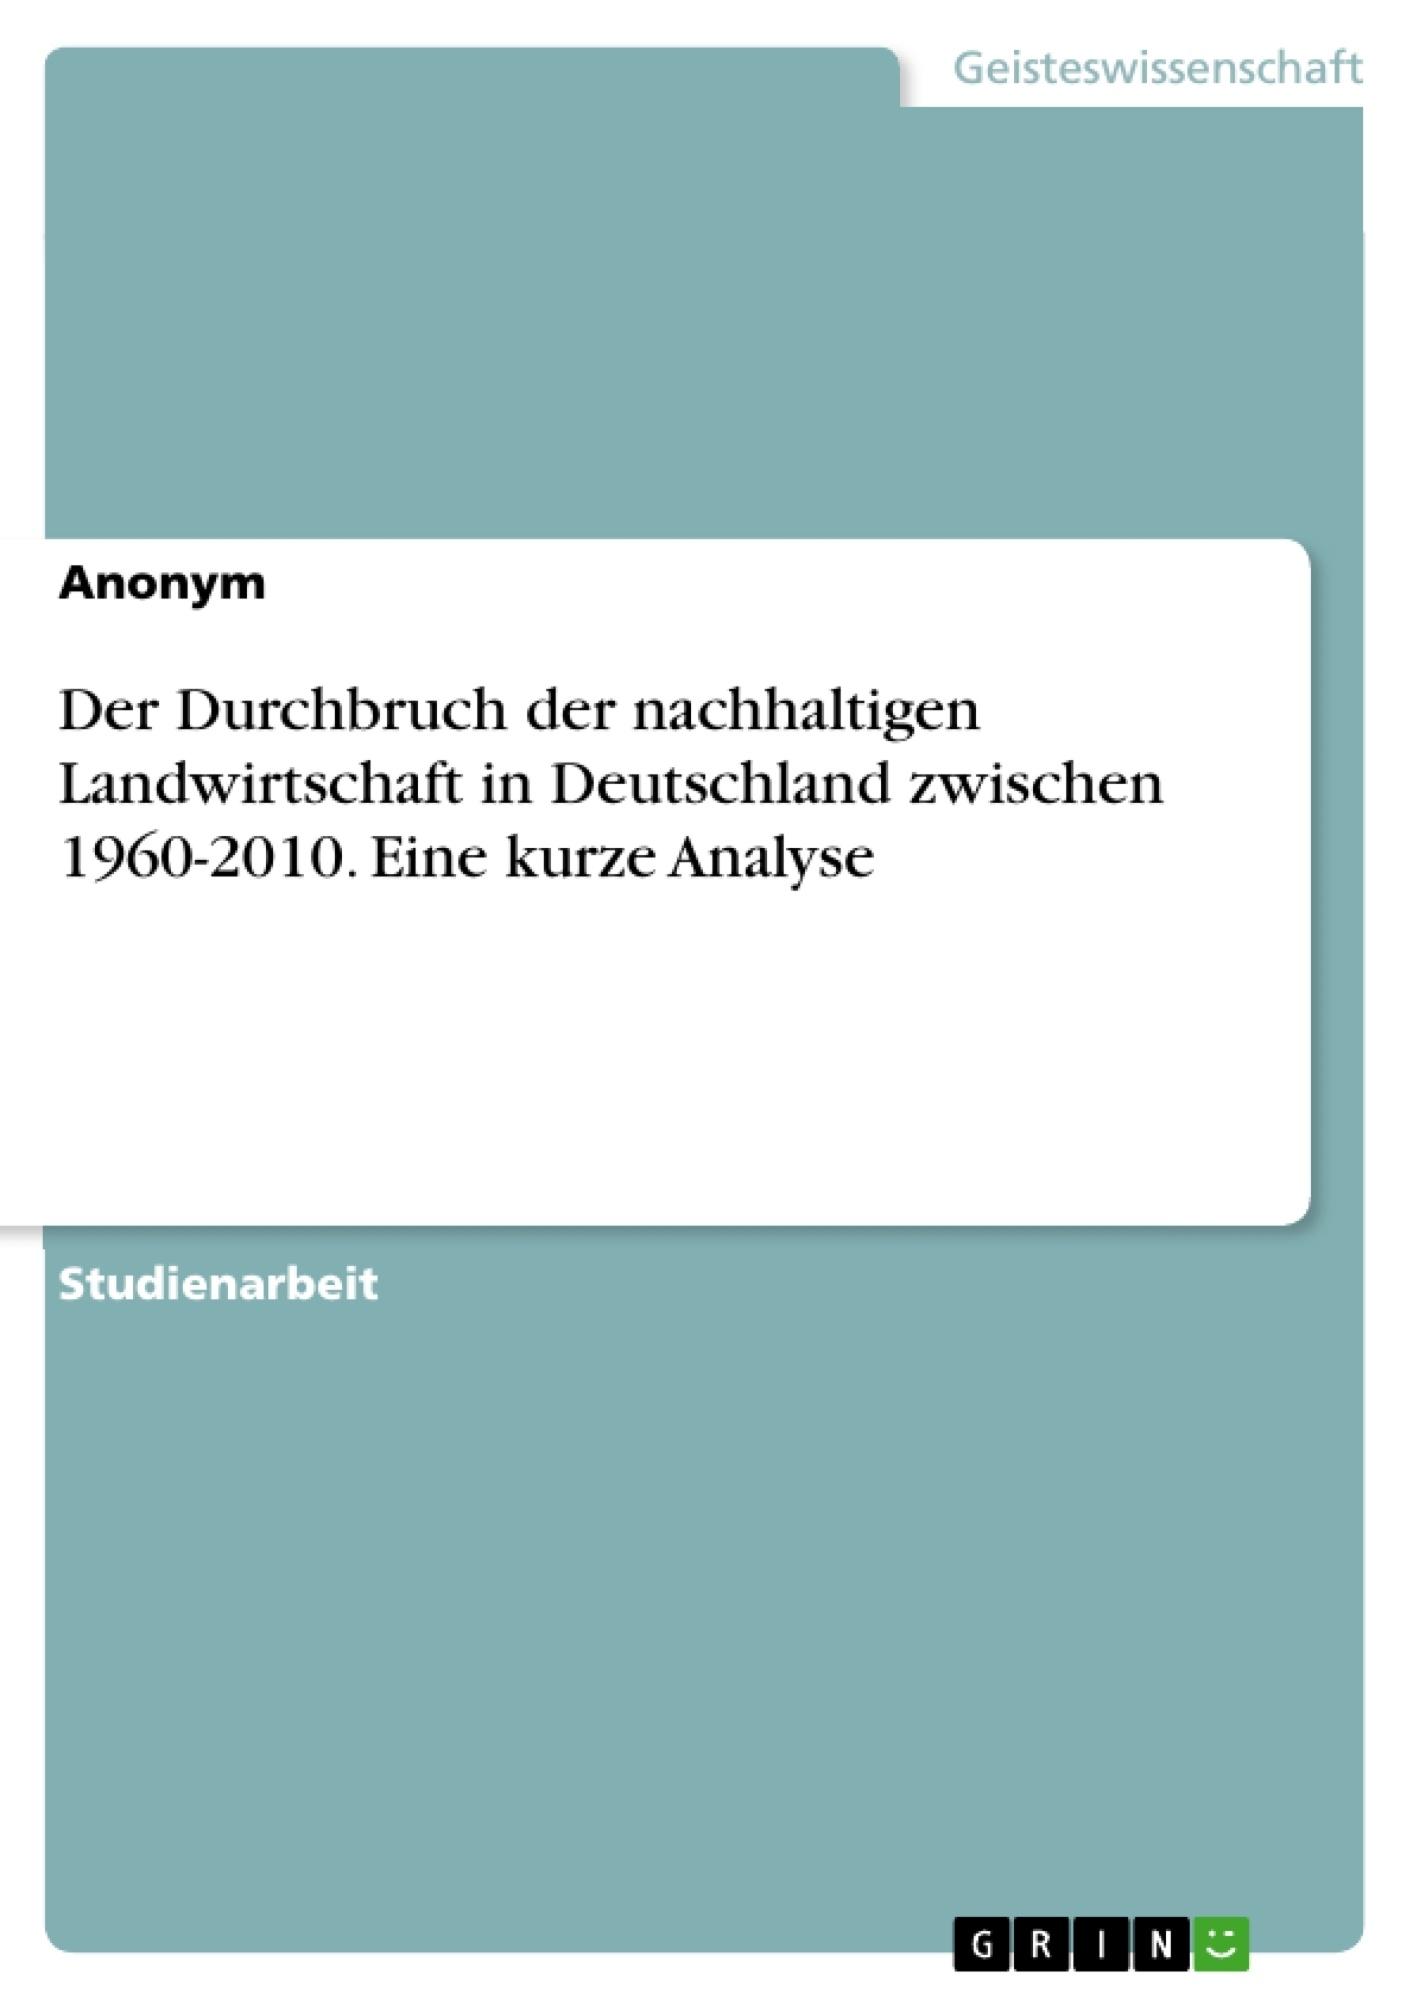 Titel: Der Durchbruch der nachhaltigen Landwirtschaft in Deutschland zwischen 1960-2010. Eine kurze Analyse